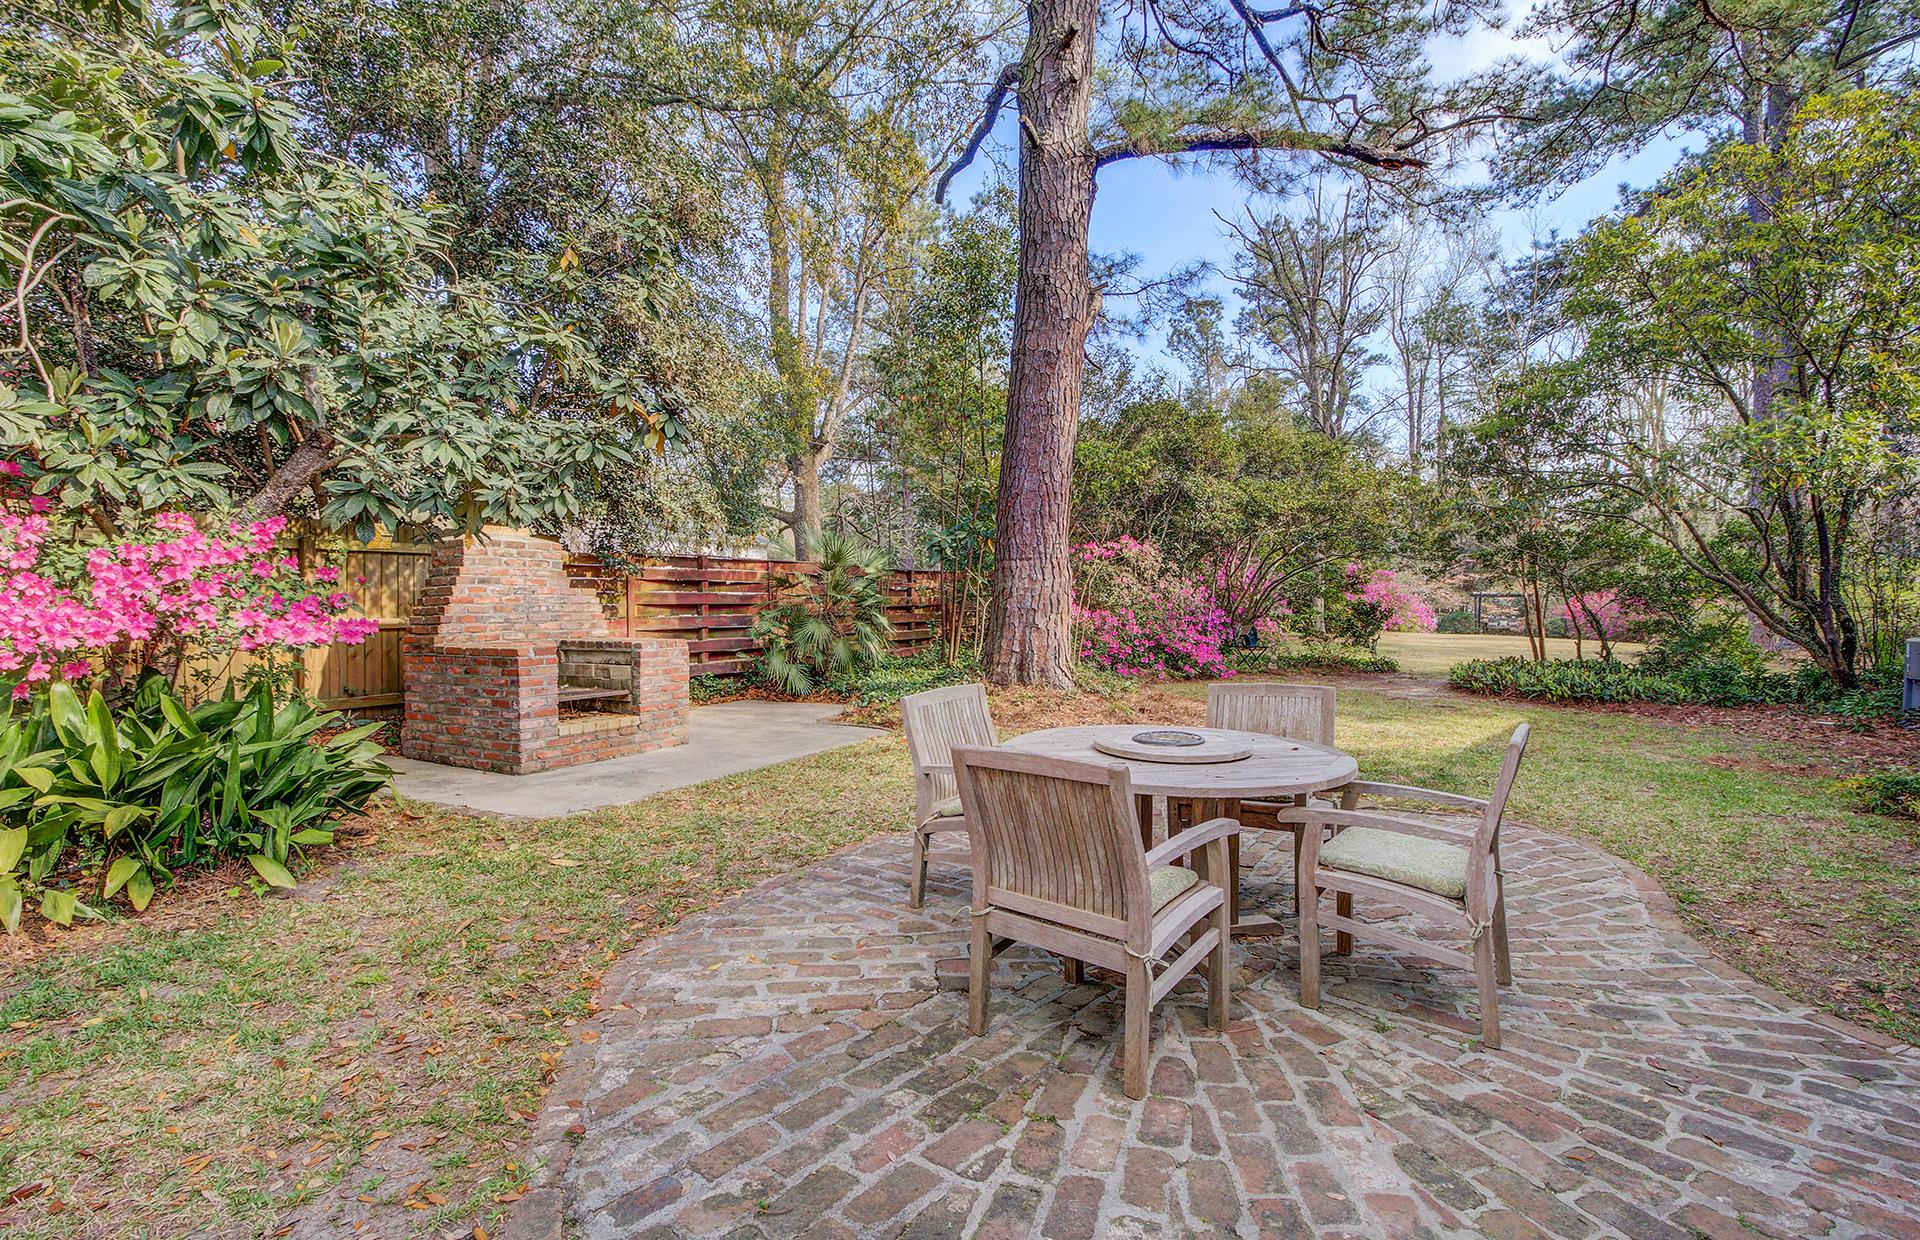 Pine Forest Inn Homes For Sale - 543 Simmons, Summerville, SC - 5